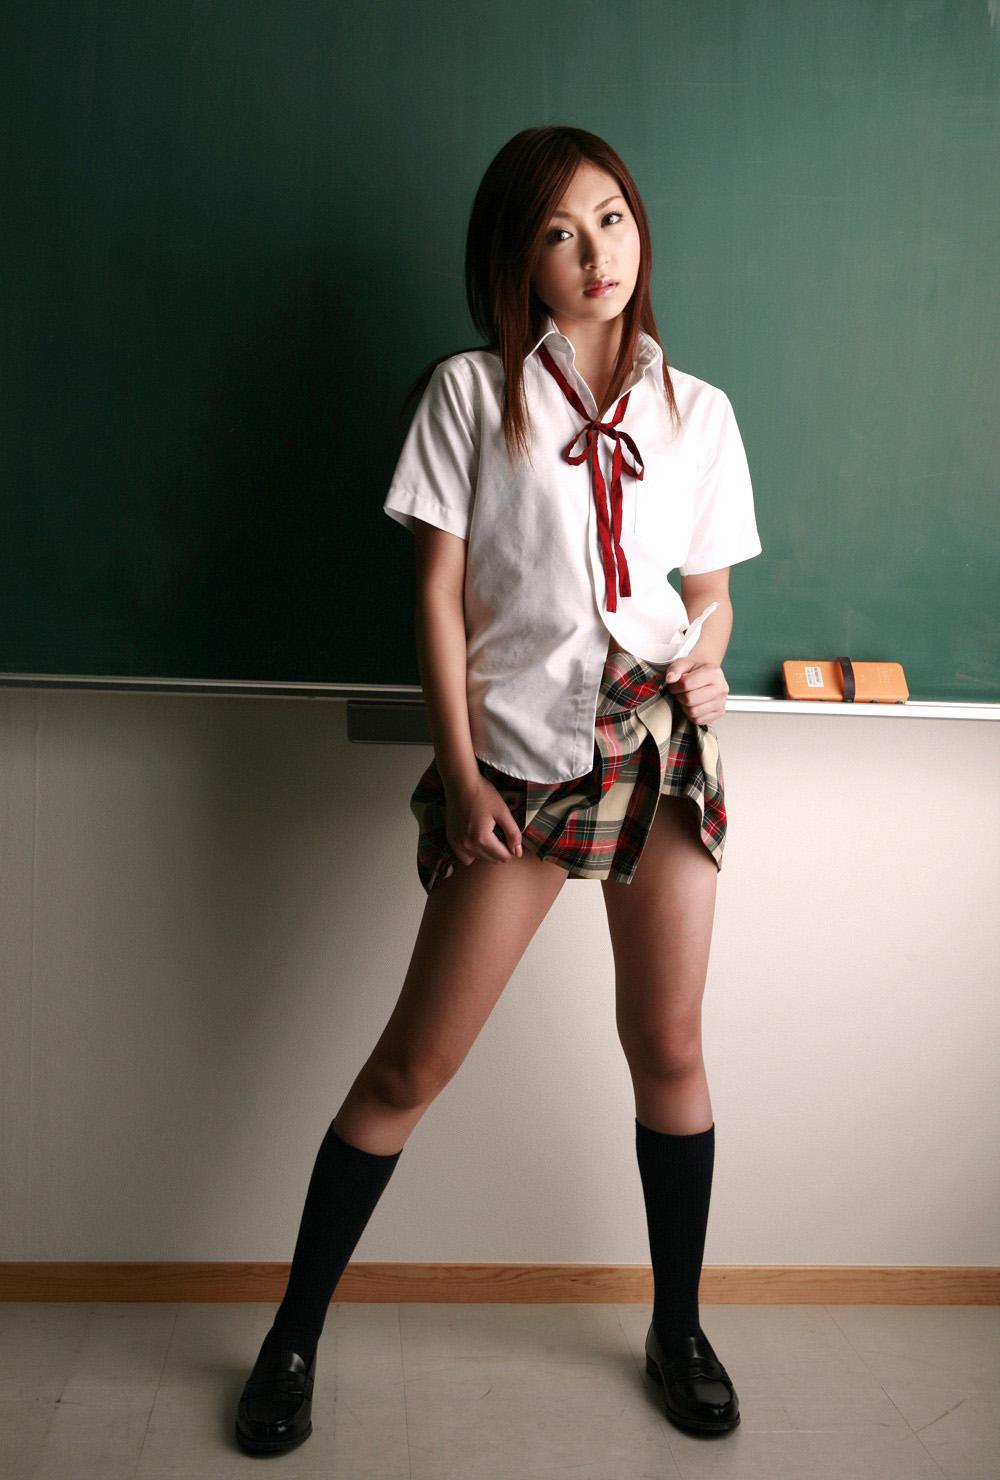 辰巳奈都子 画像 55